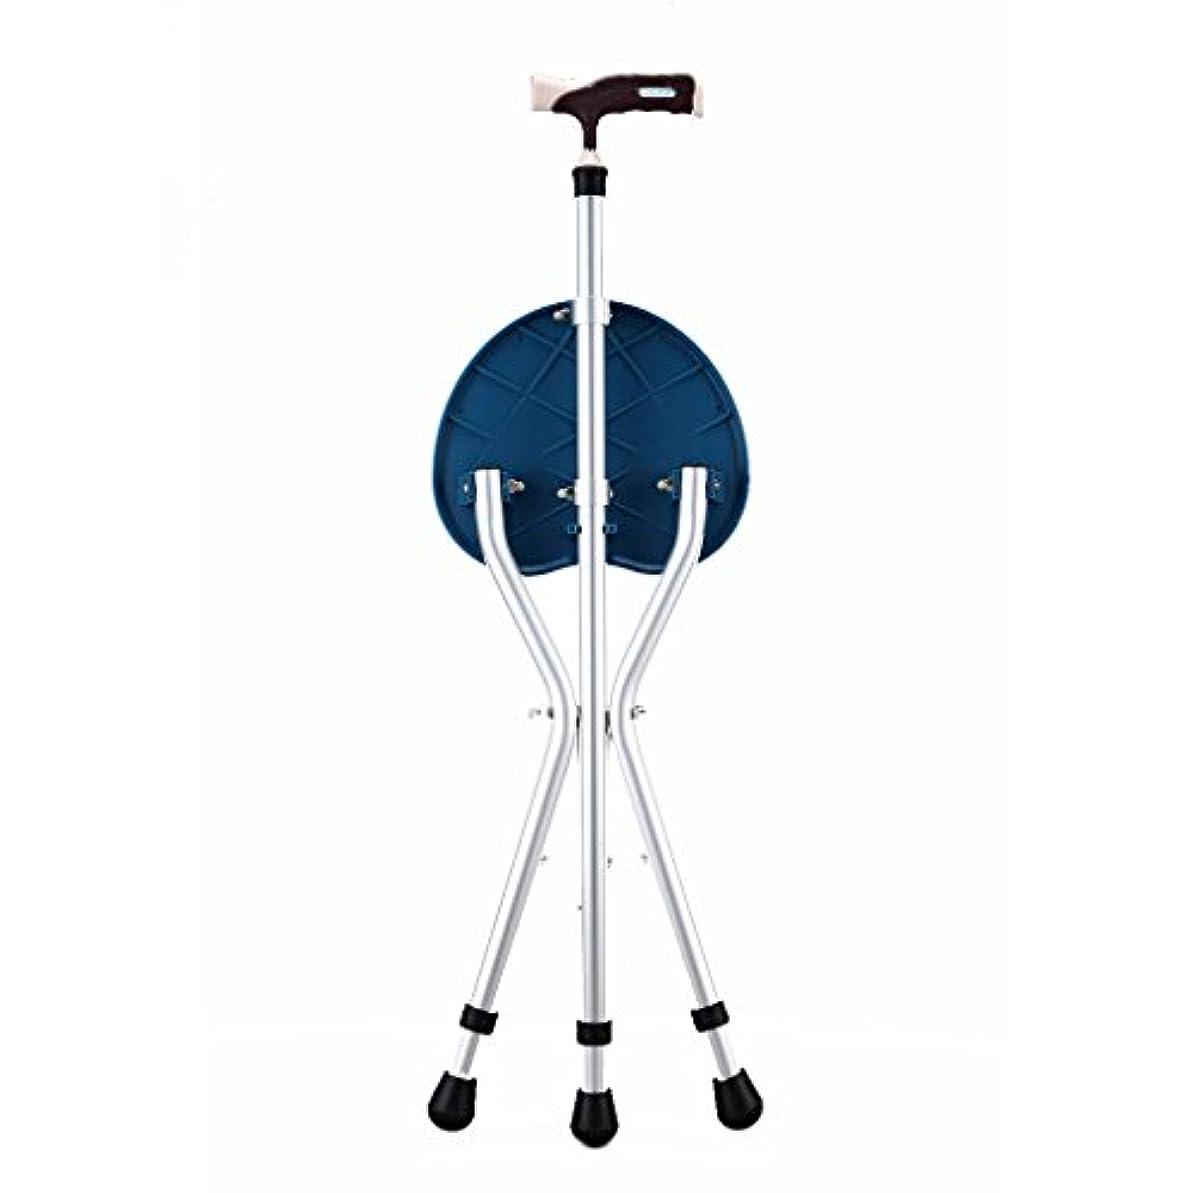 美しいれる米国老人の歩行スティックスツール三脚の椅子多機能スイングの椅子滑り止めの折り畳み式のスツールスツールケーンスティック (色 : Blue)